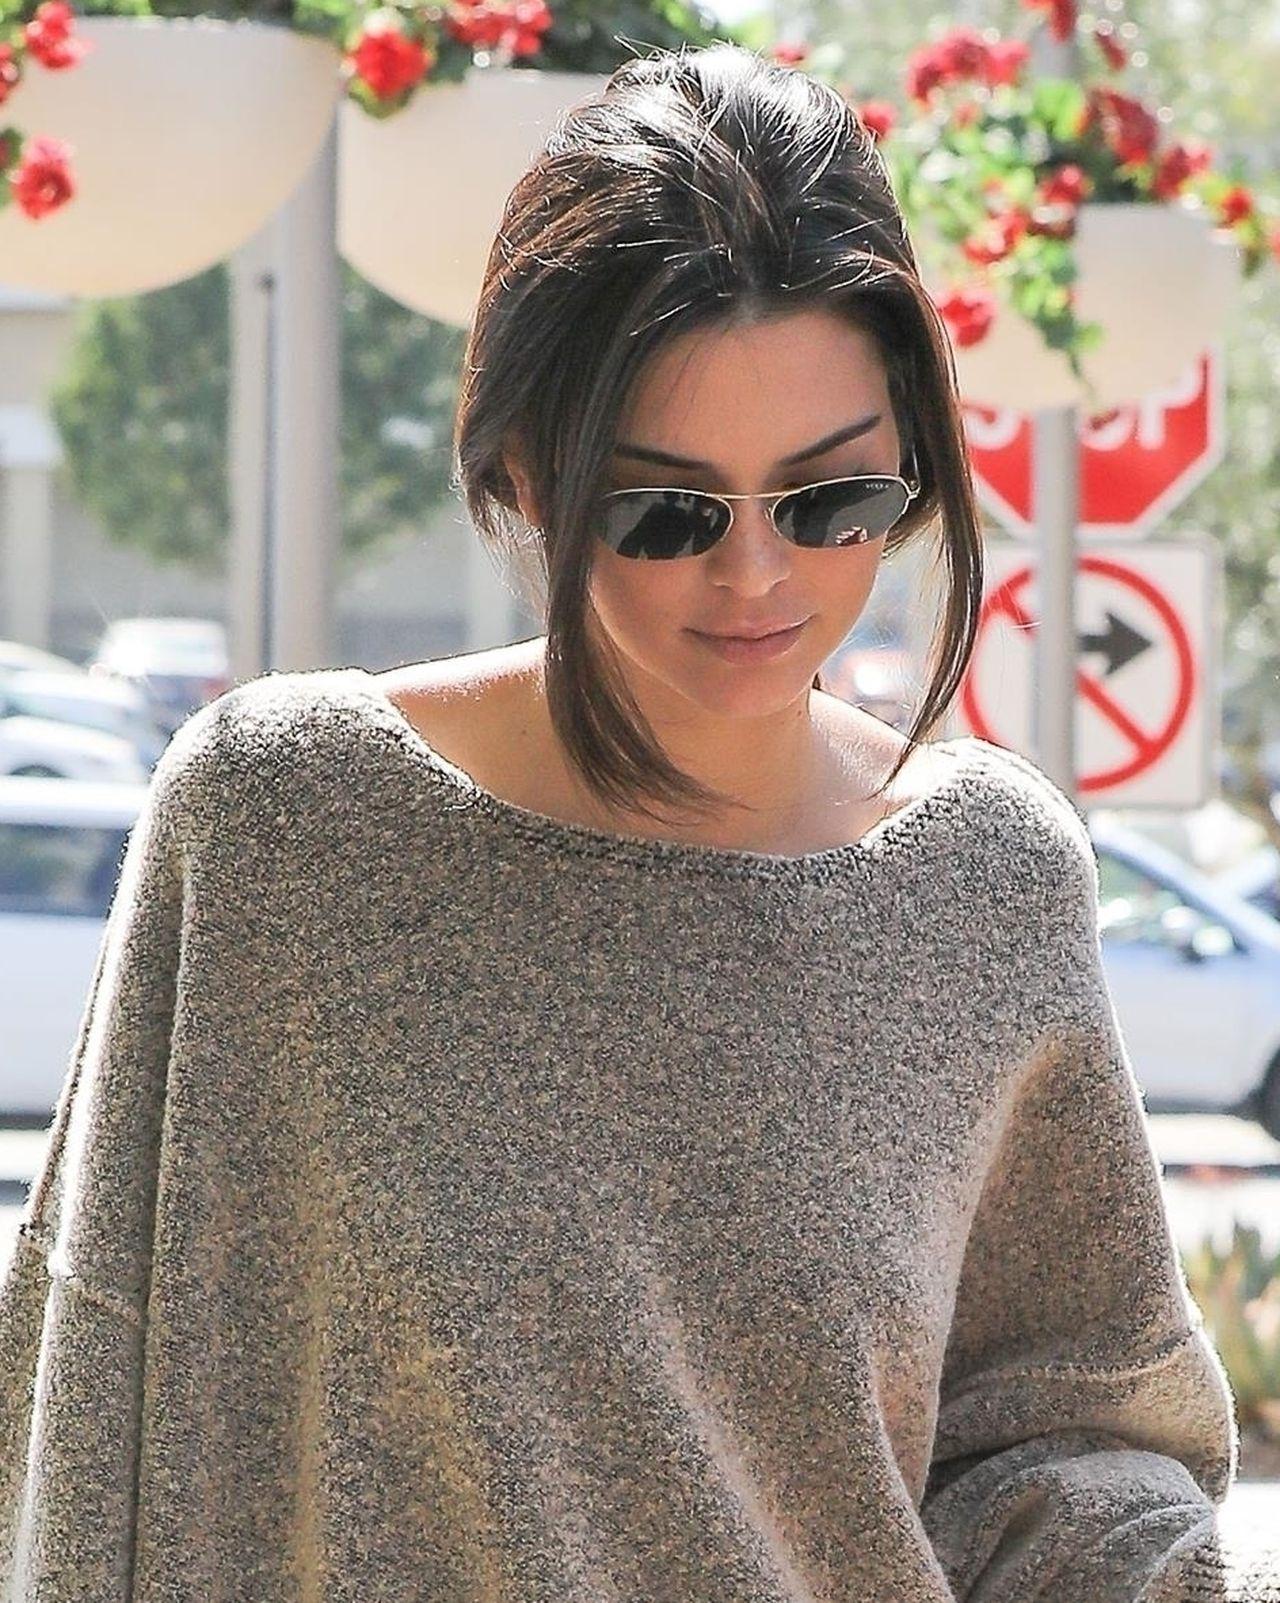 Skandaliczne słowa Kendall Jenner o modelkach. Skomentowała je Monika Jagaciak